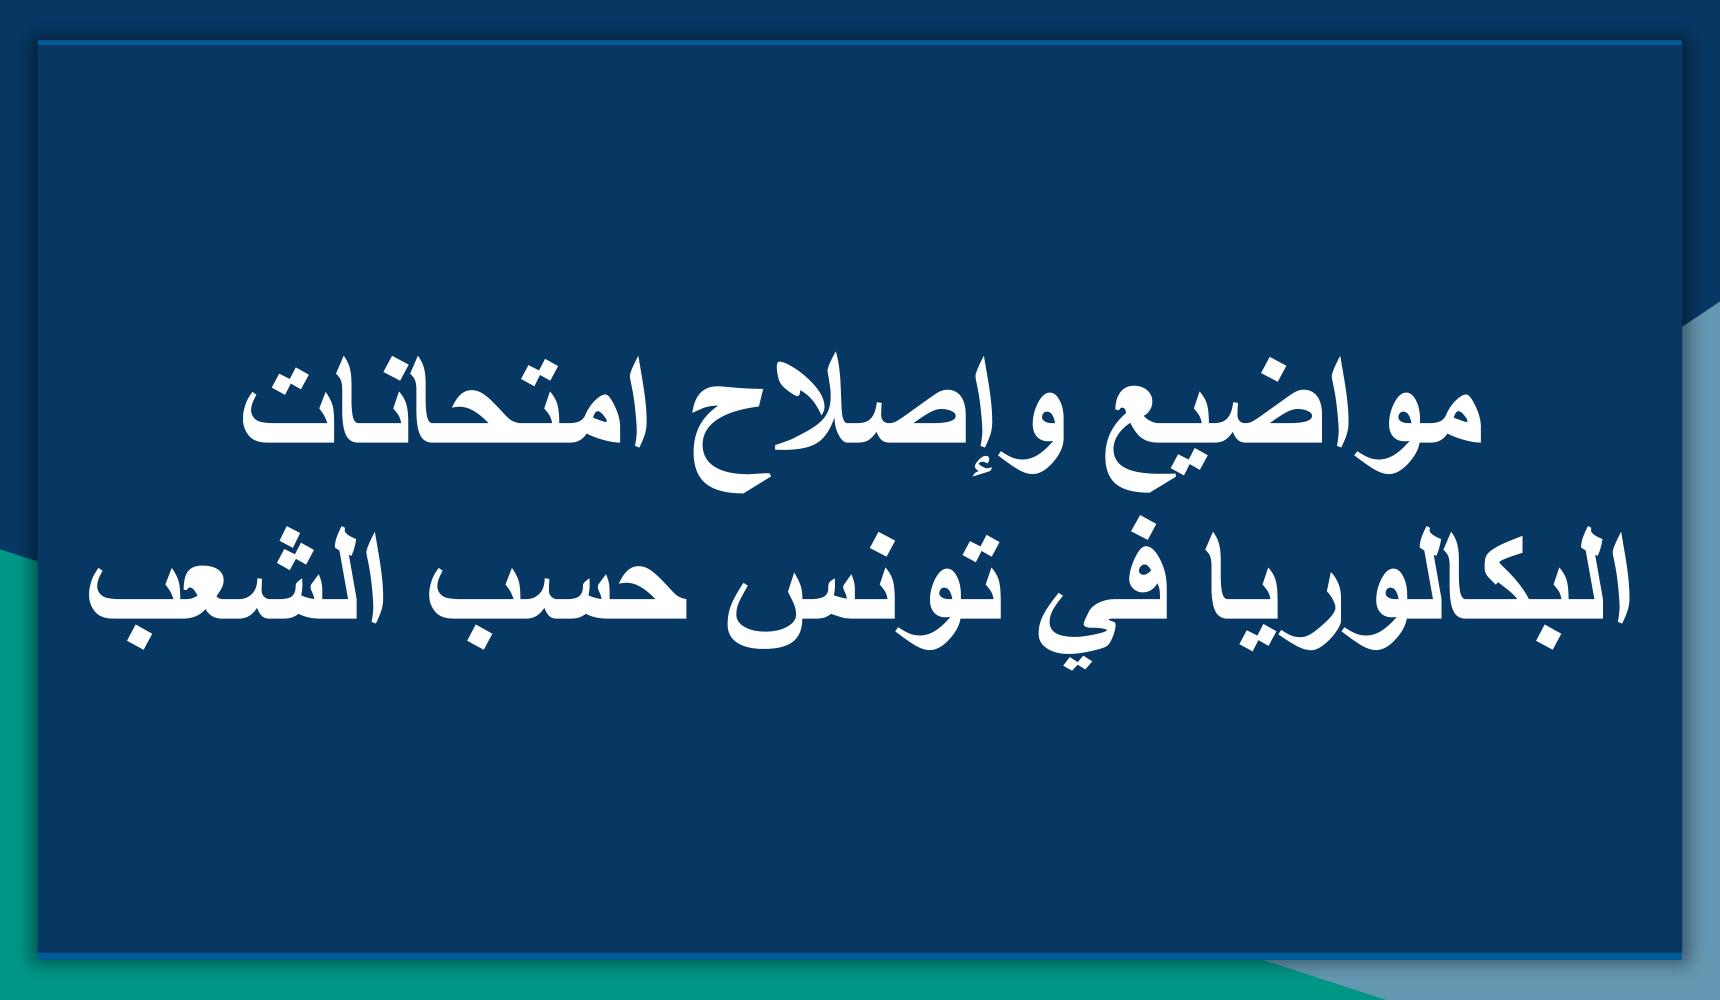 مواضيع واصلاح امتحانات البكالوريا في تونس حسب الشعب